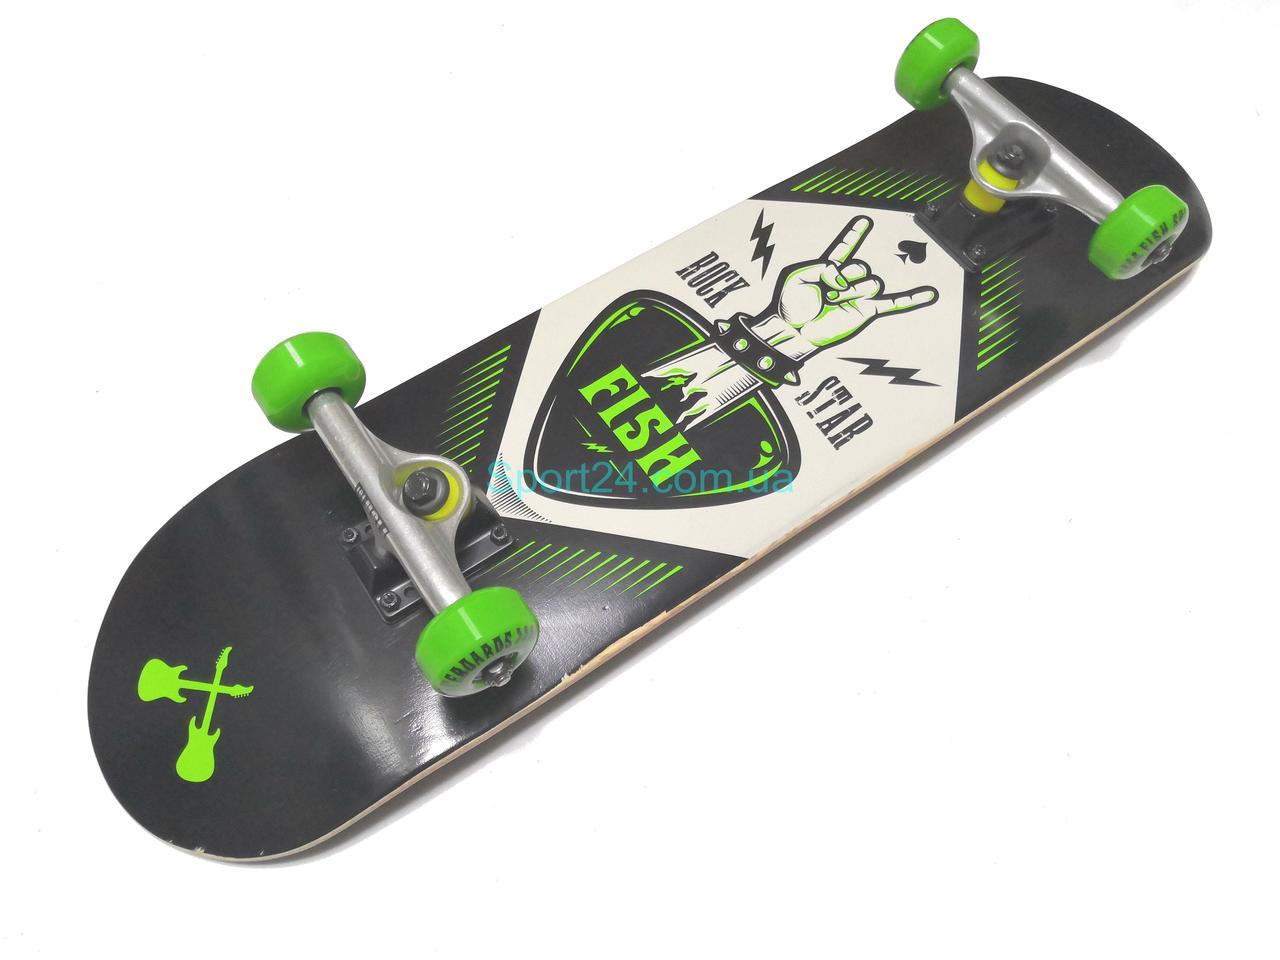 Скейтборд Fish Skateboard Rock Star (Рок звезда), до 90 кг